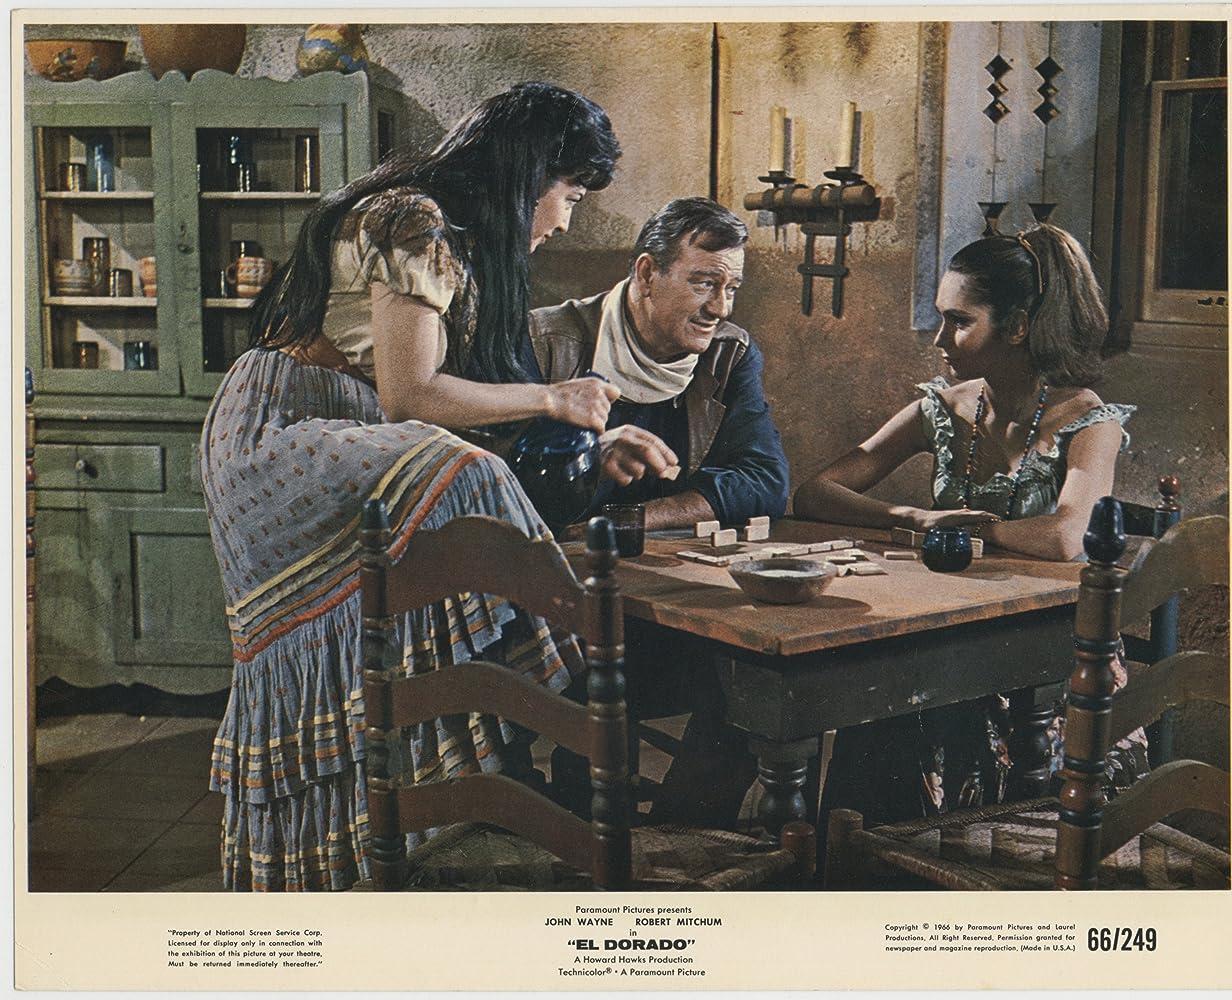 John Wayne In El Dorado (1967)